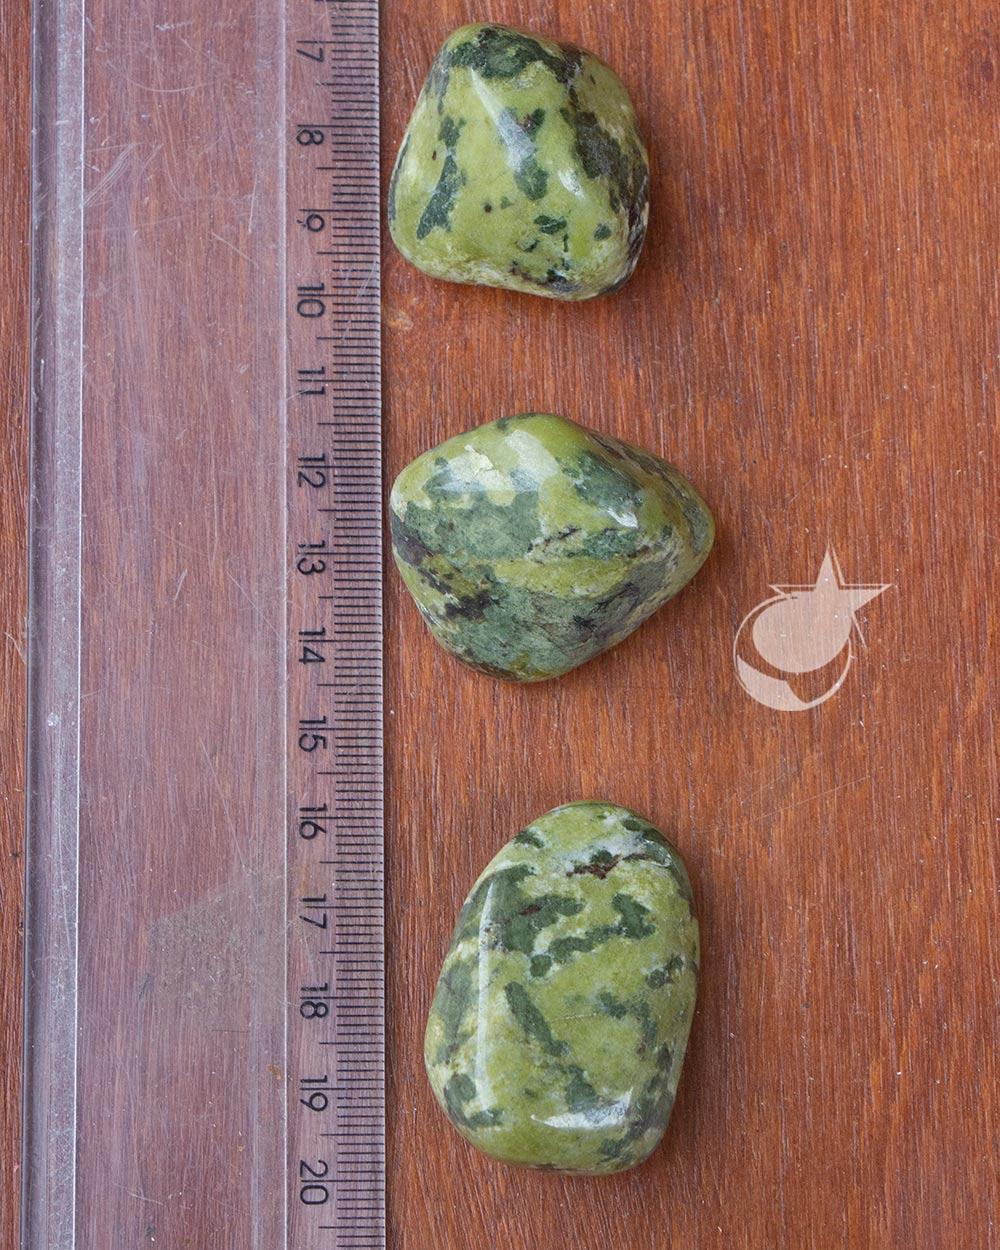 NEFRITA ROLADA -  UNIDADE - 3 a 4 cm - (37 a 44g)